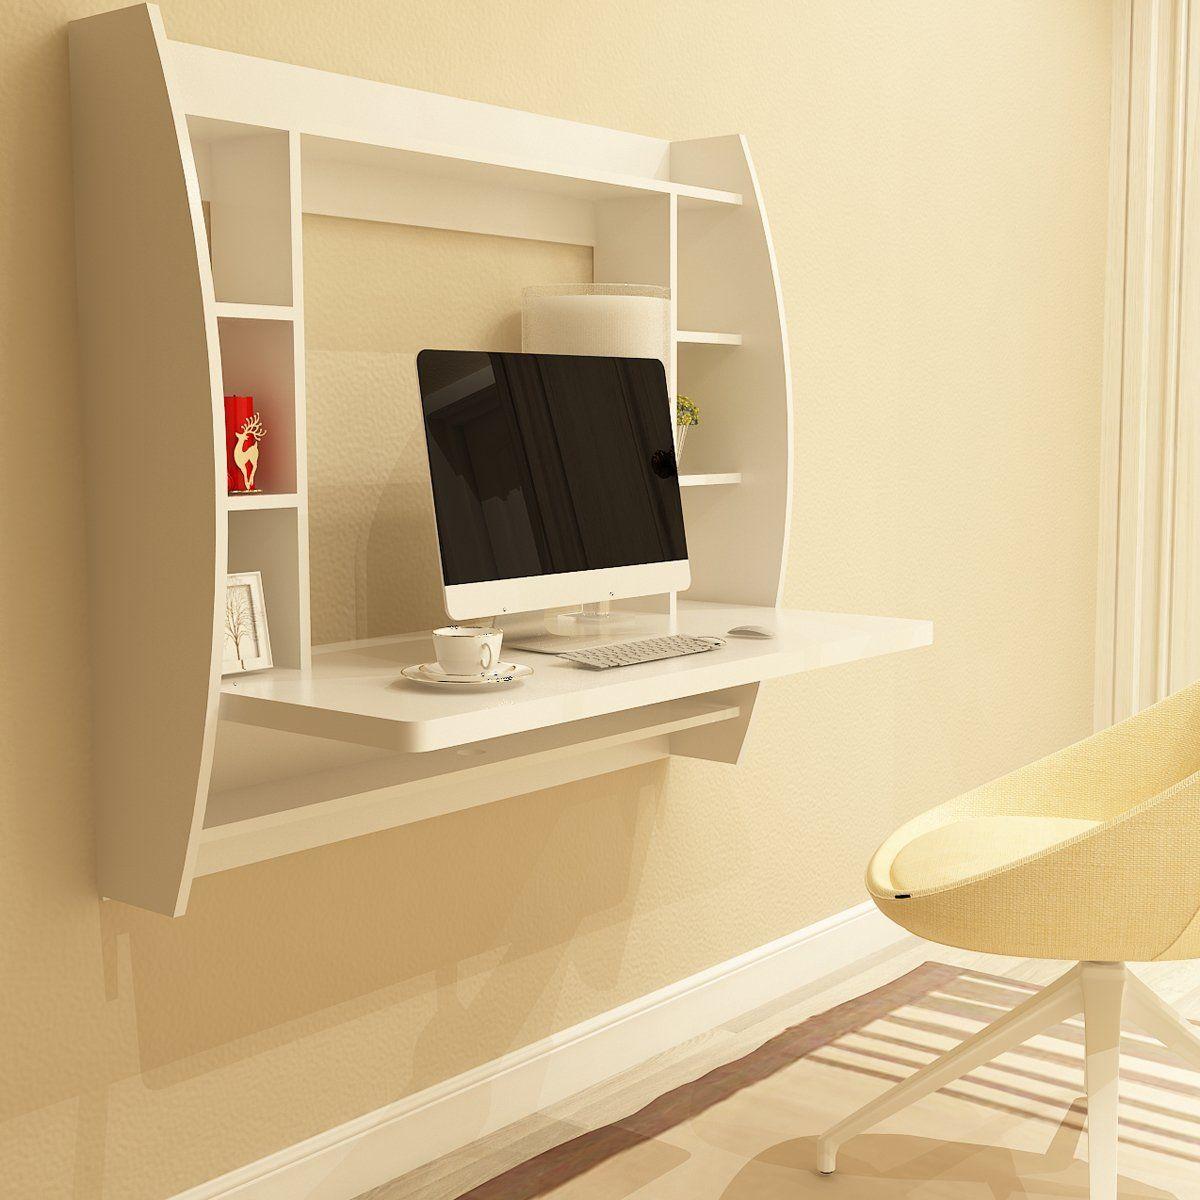 Wall Mounted Floating Desk With Storage Shelves White Home Office Computer Desk Floating Desk Desk Storage